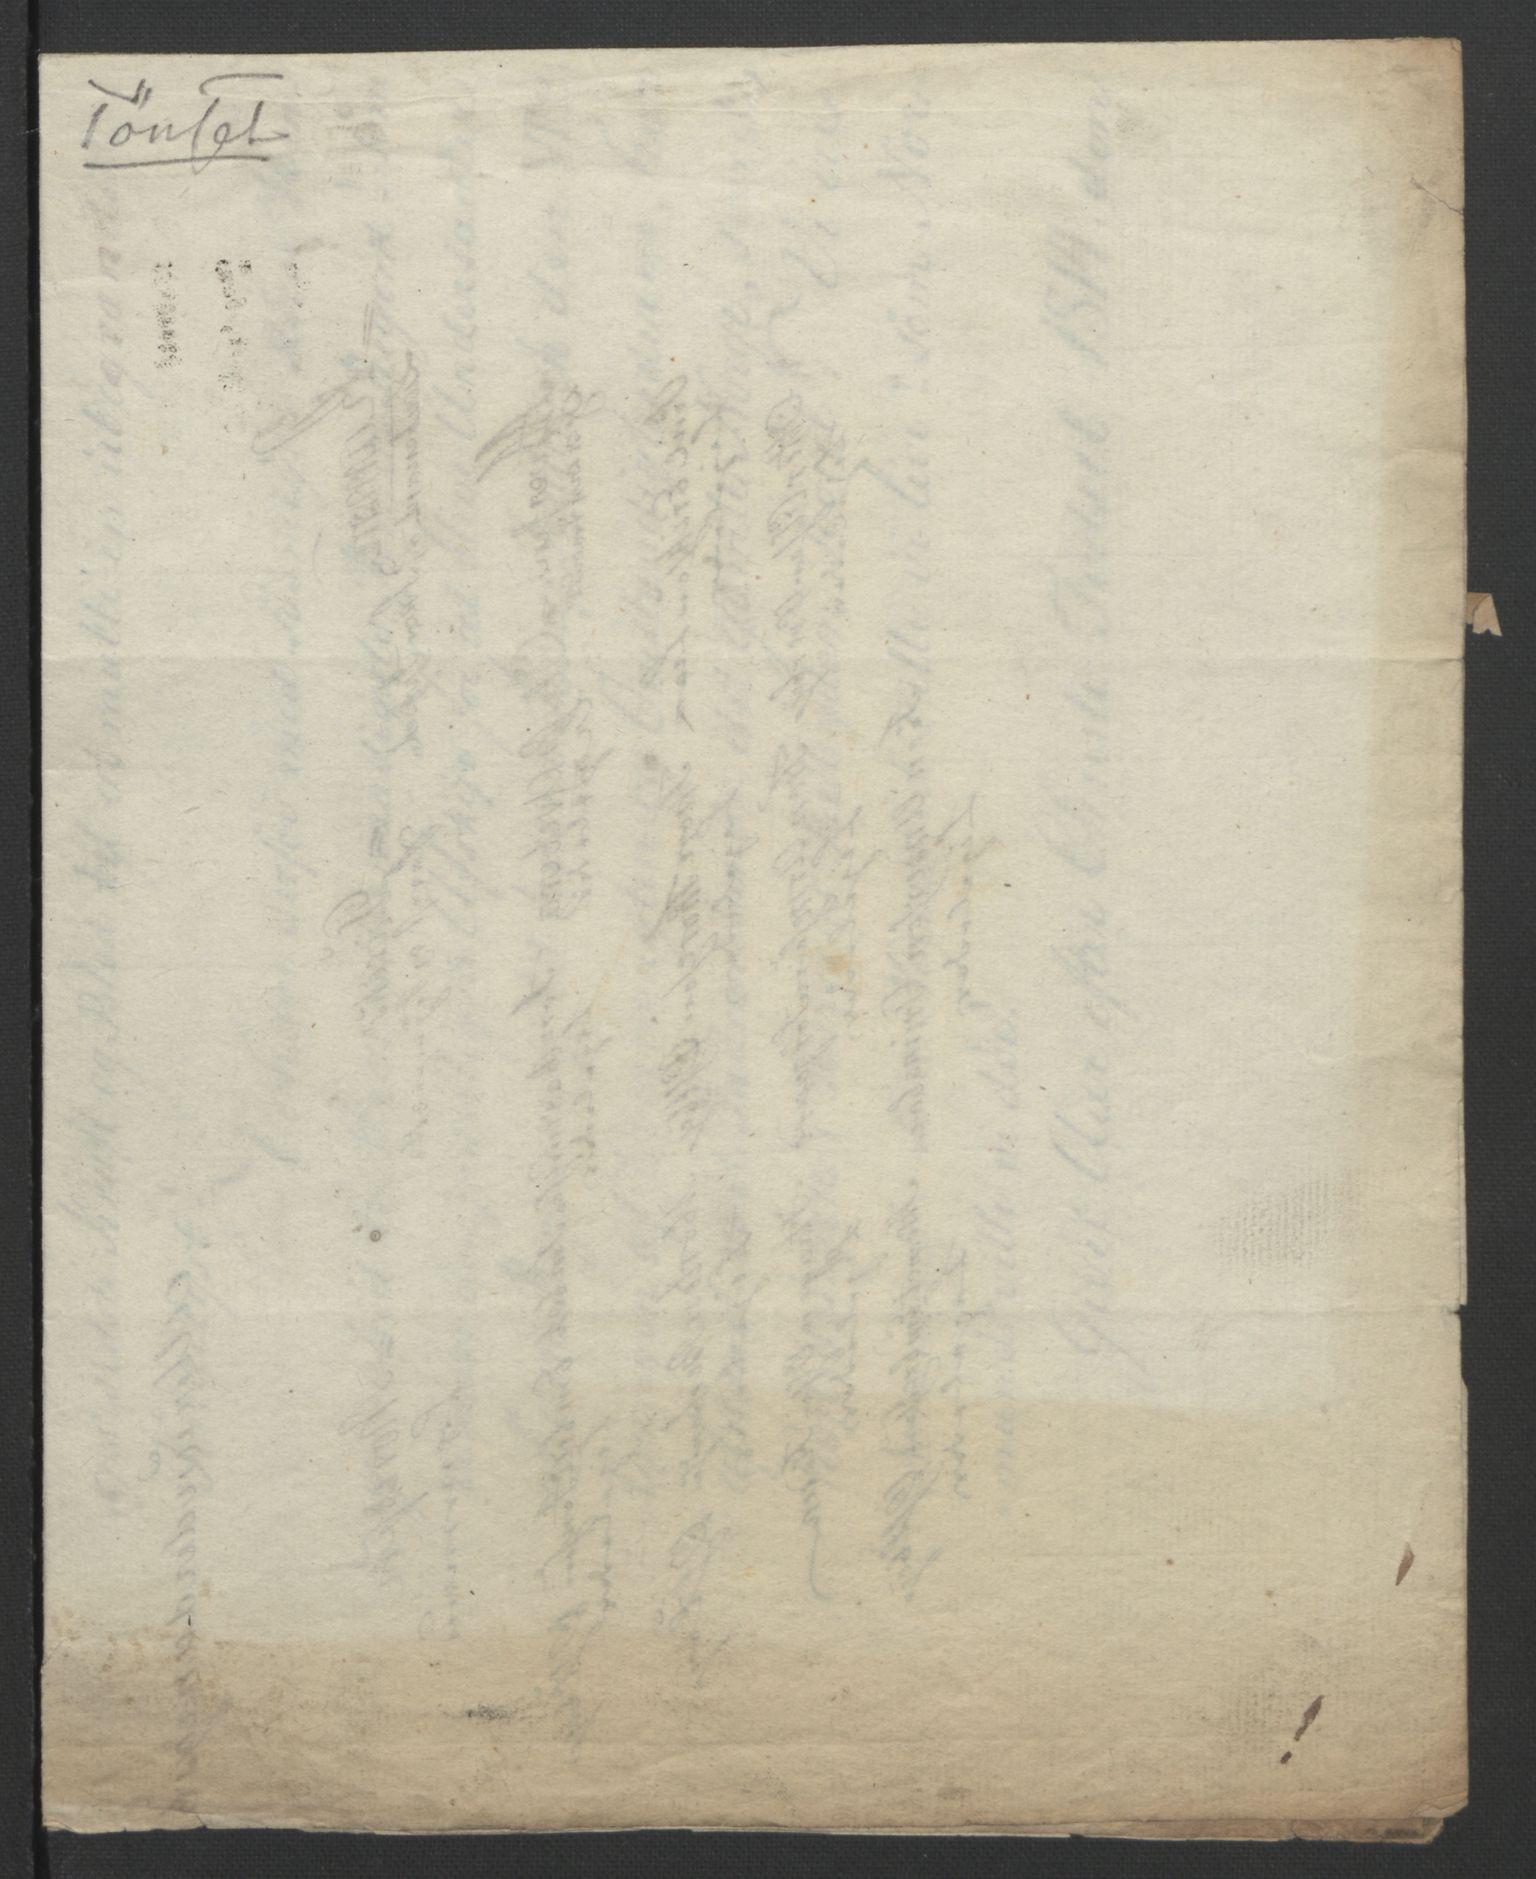 RA, Statsrådssekretariatet, D/Db/L0007: Fullmakter for Eidsvollsrepresentantene i 1814. , 1814, s. 243